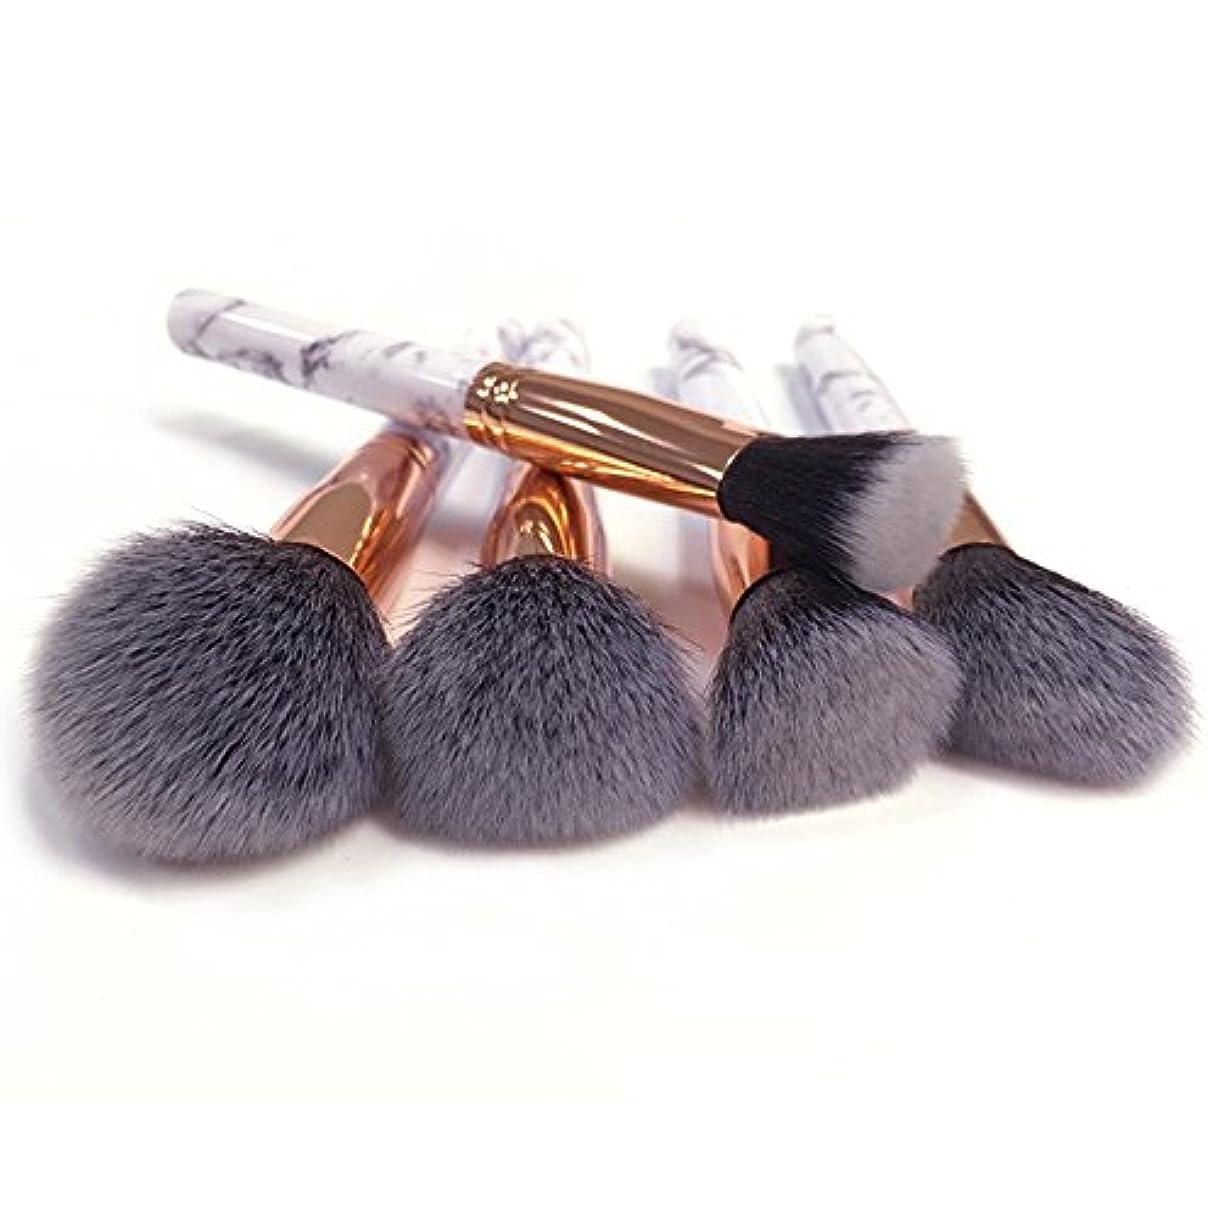 予測する同等の無傷Akane 10本 大理石紋 超気質的 セート 多機能 柔らかい たっぷり 高級 優雅 綺麗 魅力 上等な使用感 激安 日常 仕事 おしゃれ Makeup Brush メイクアップブラシ